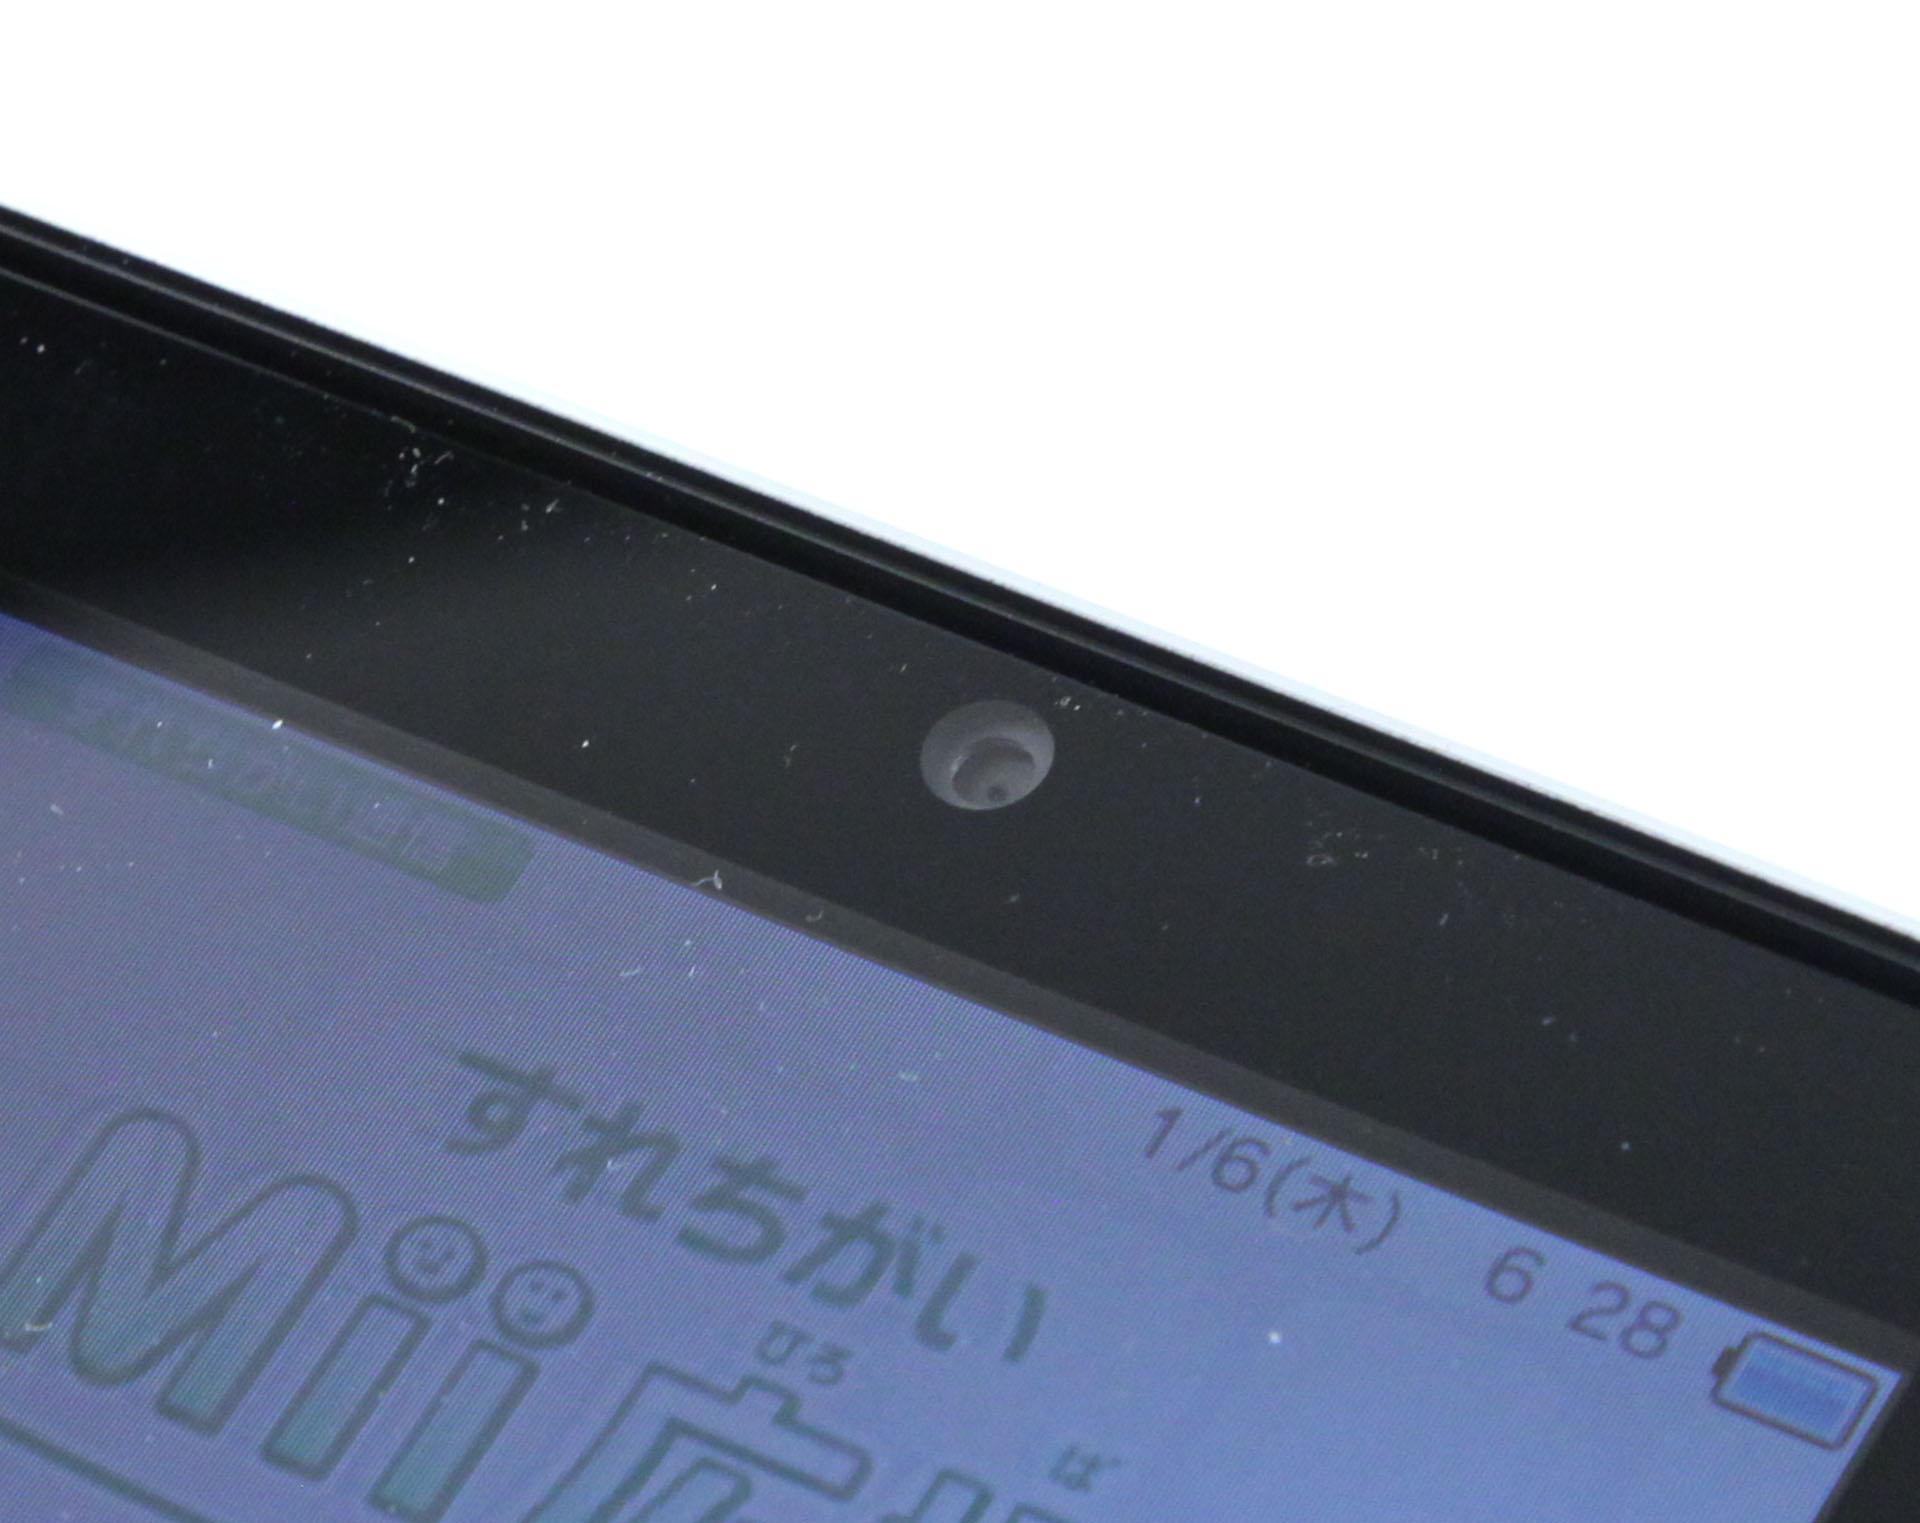 3DS: Nintendos Neuer im Importtest - Eine Kameralinse ist nach innen auf den Spieler gerichtet. (Foto: mw)